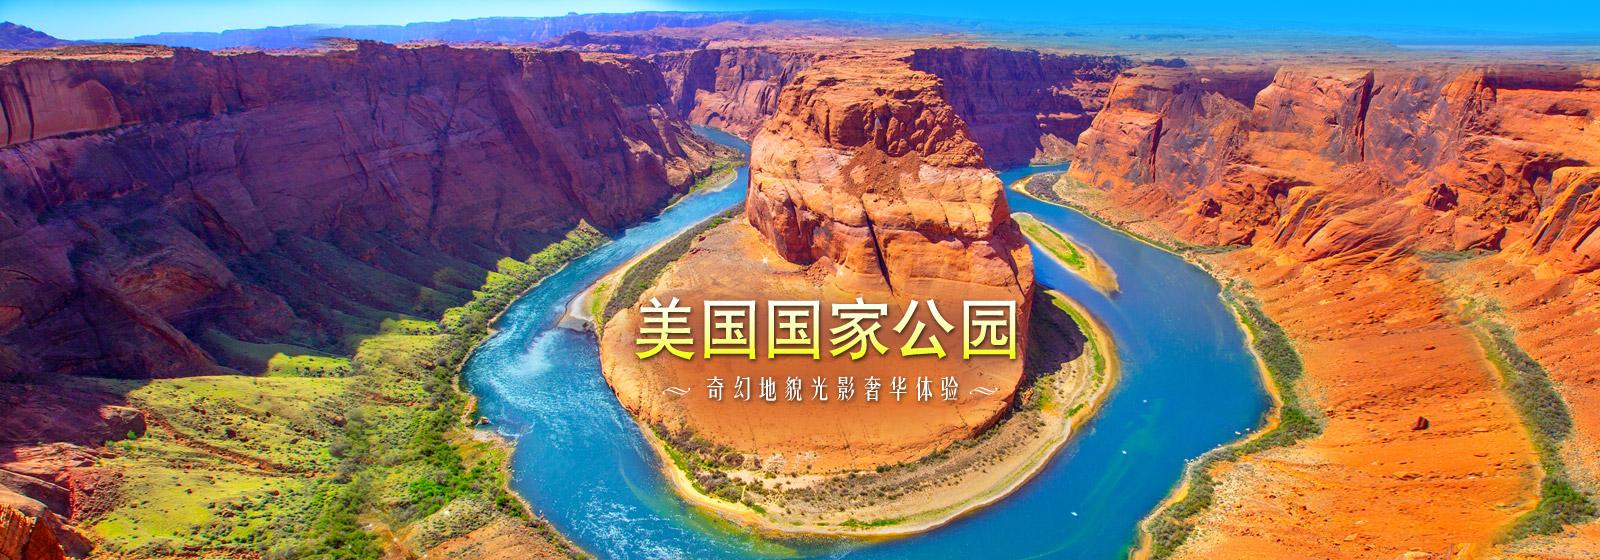 美国国家公园_奇幻地貌光影奢华体验